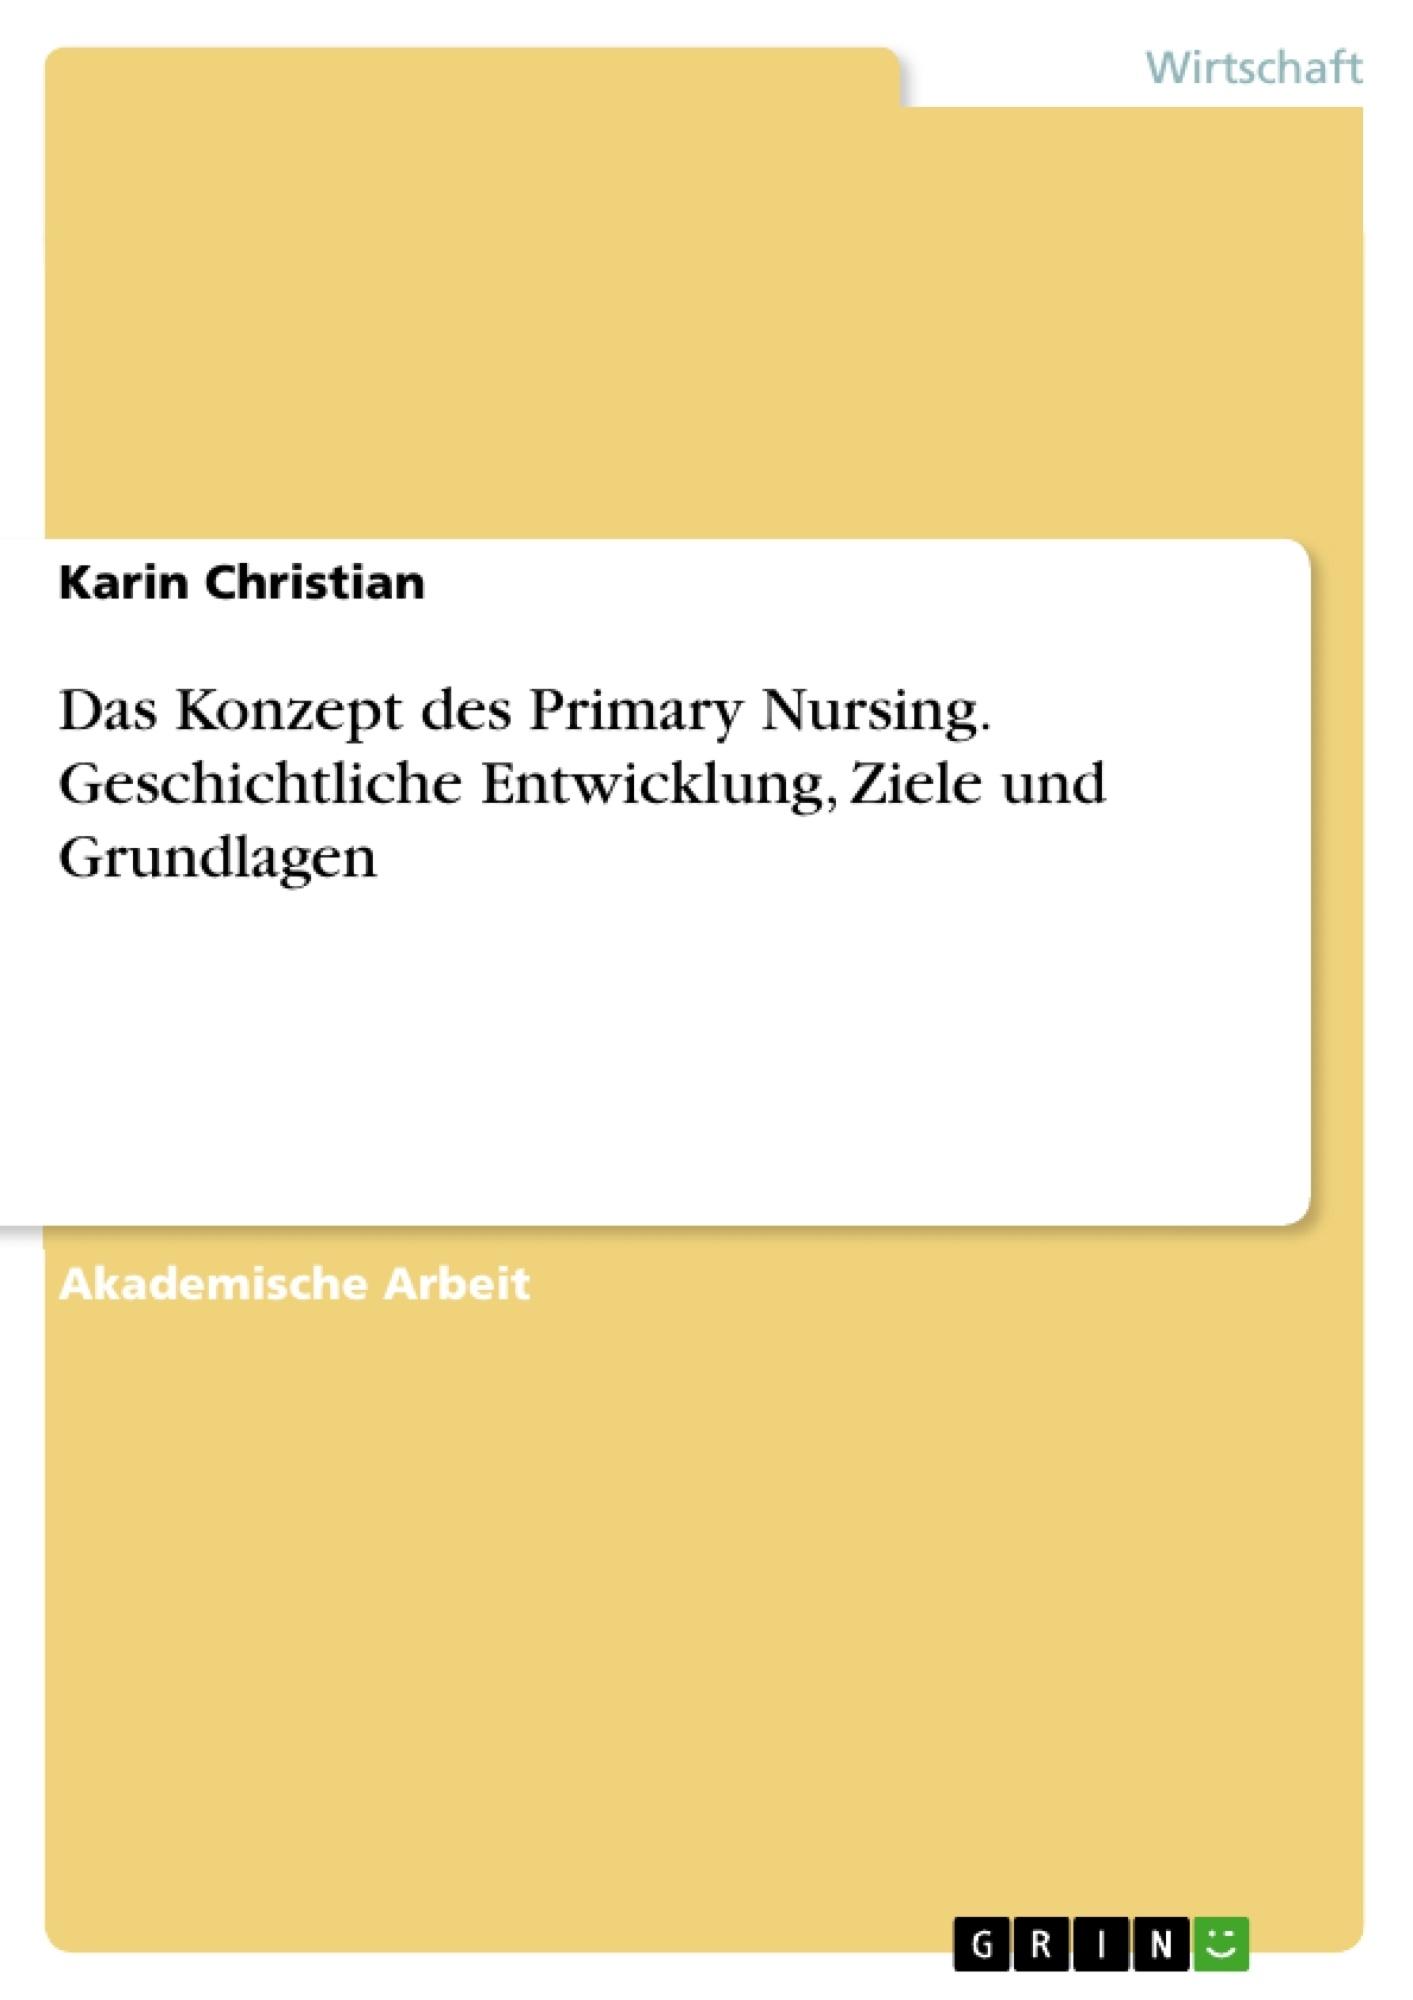 Titel: Das Konzept des Primary Nursing. Geschichtliche Entwicklung, Ziele und Grundlagen